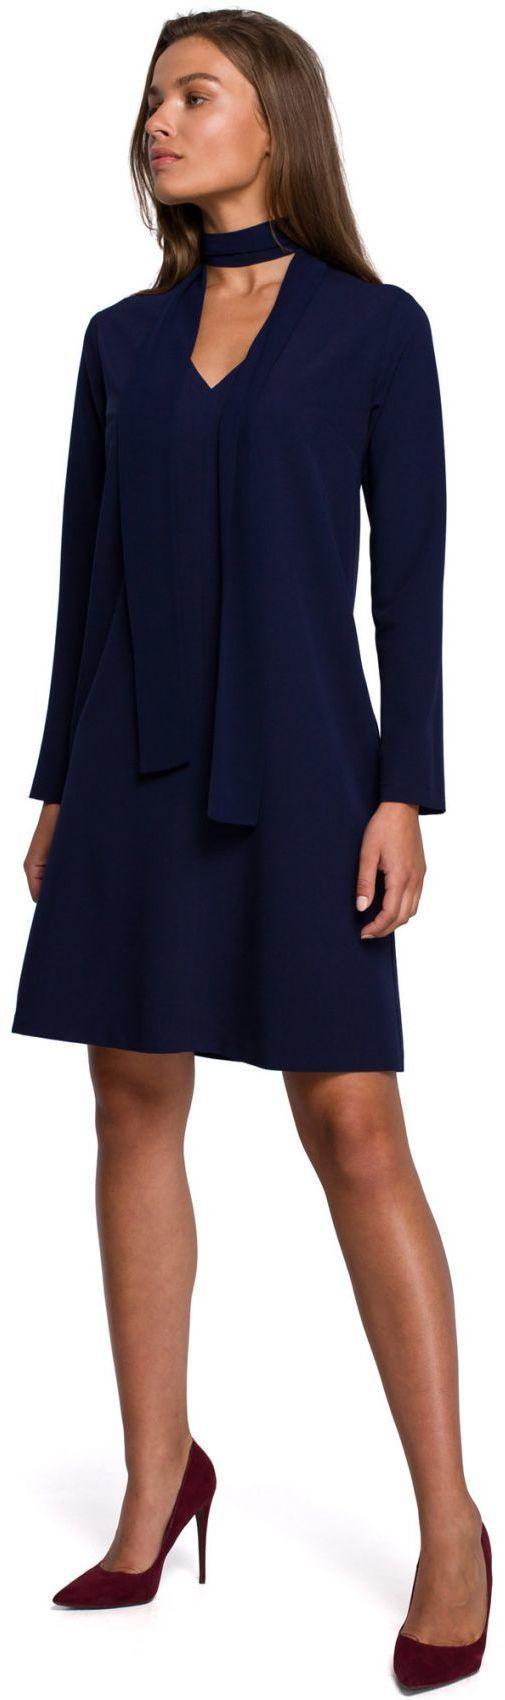 S233 Sukienka z szyfonowym szalem - granatowa